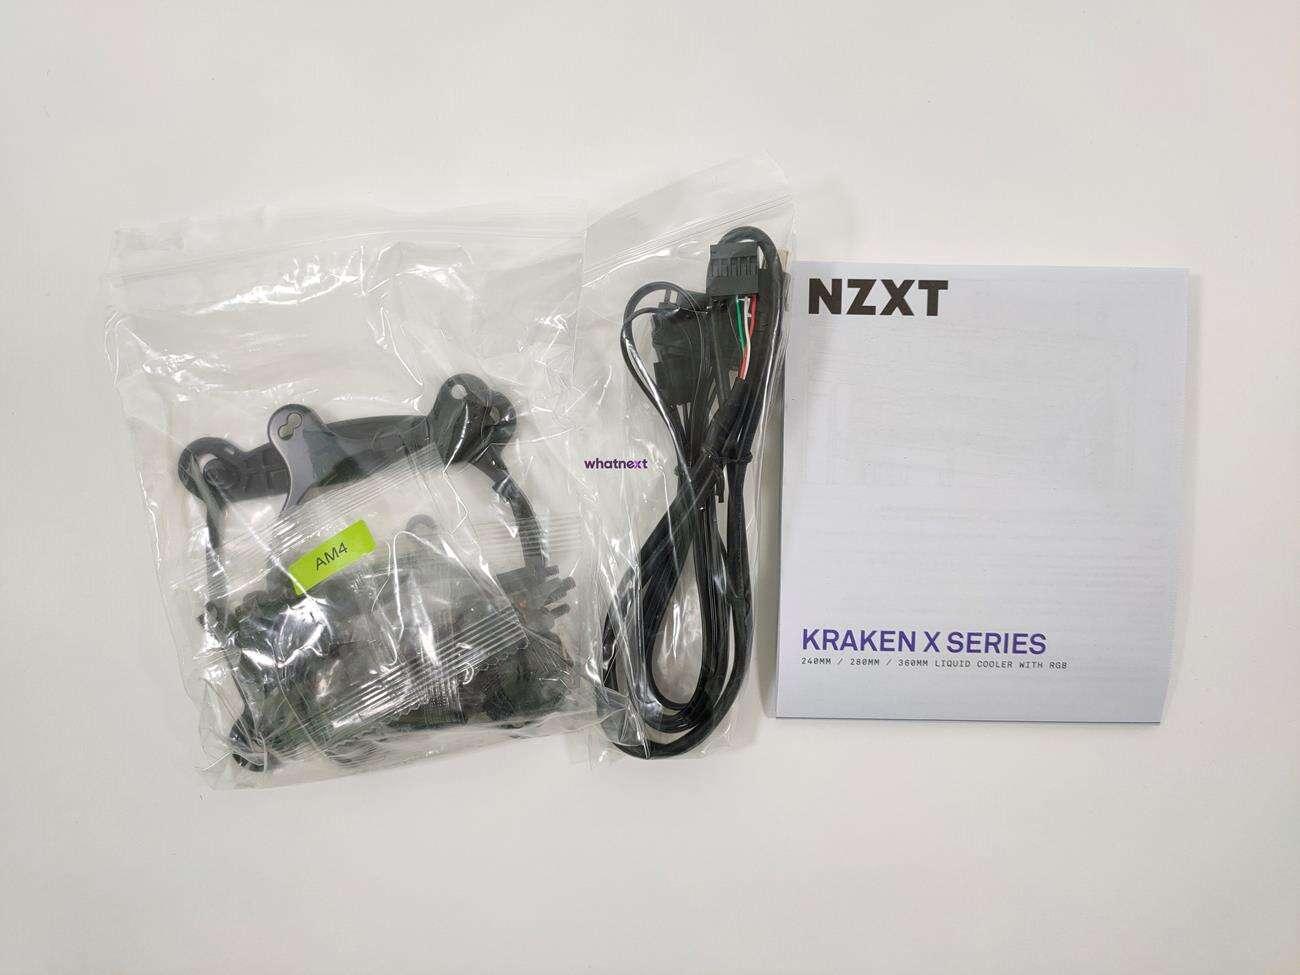 test NZXT Kraken X53, recenzja NZXT Kraken X53, review NZXT Kraken X53, opinia NZXT Kraken X53